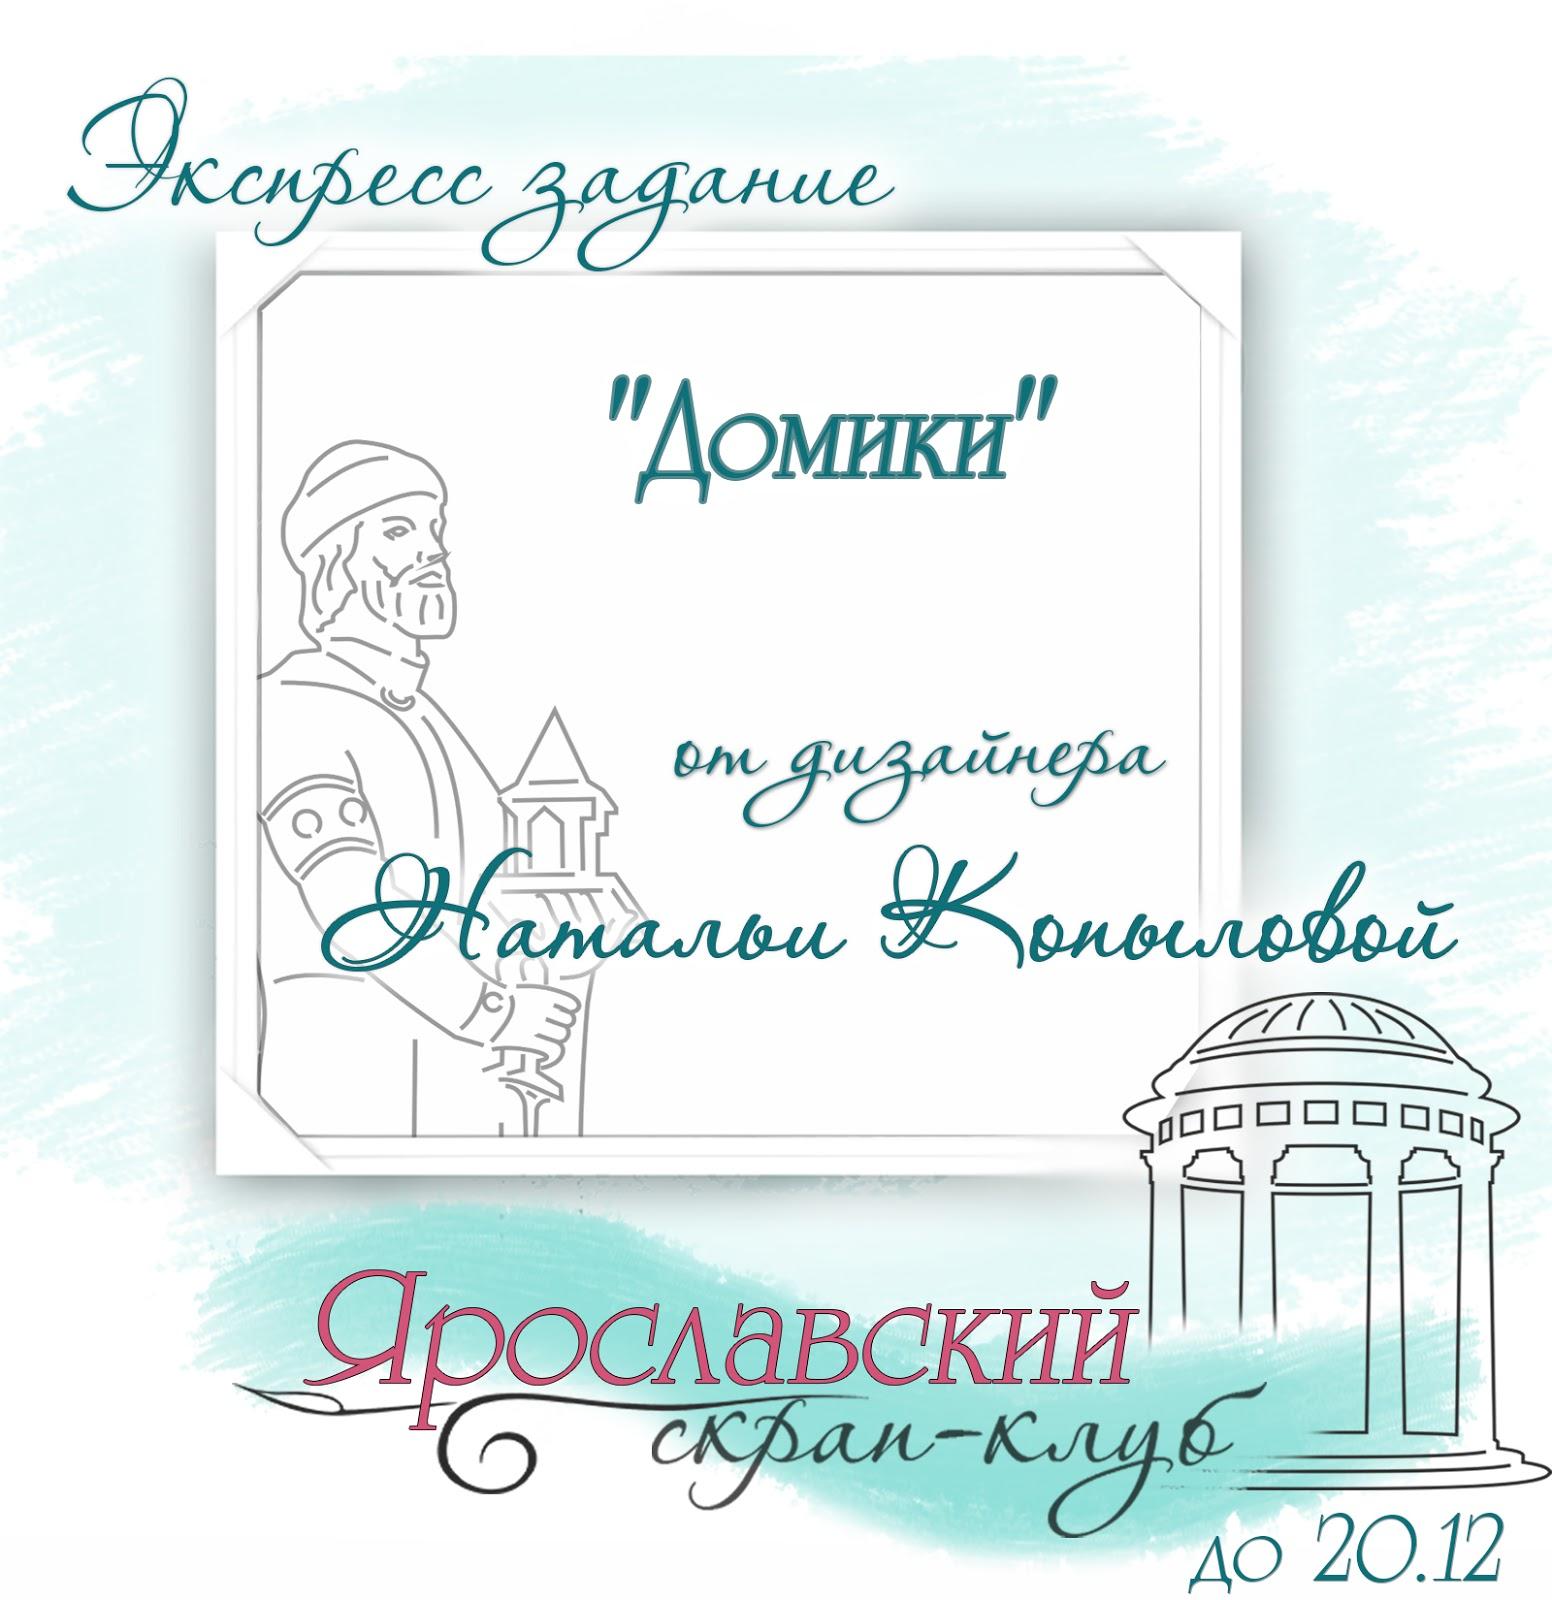 """Экспресс-задание """"Домики"""" до 20.12.2017"""